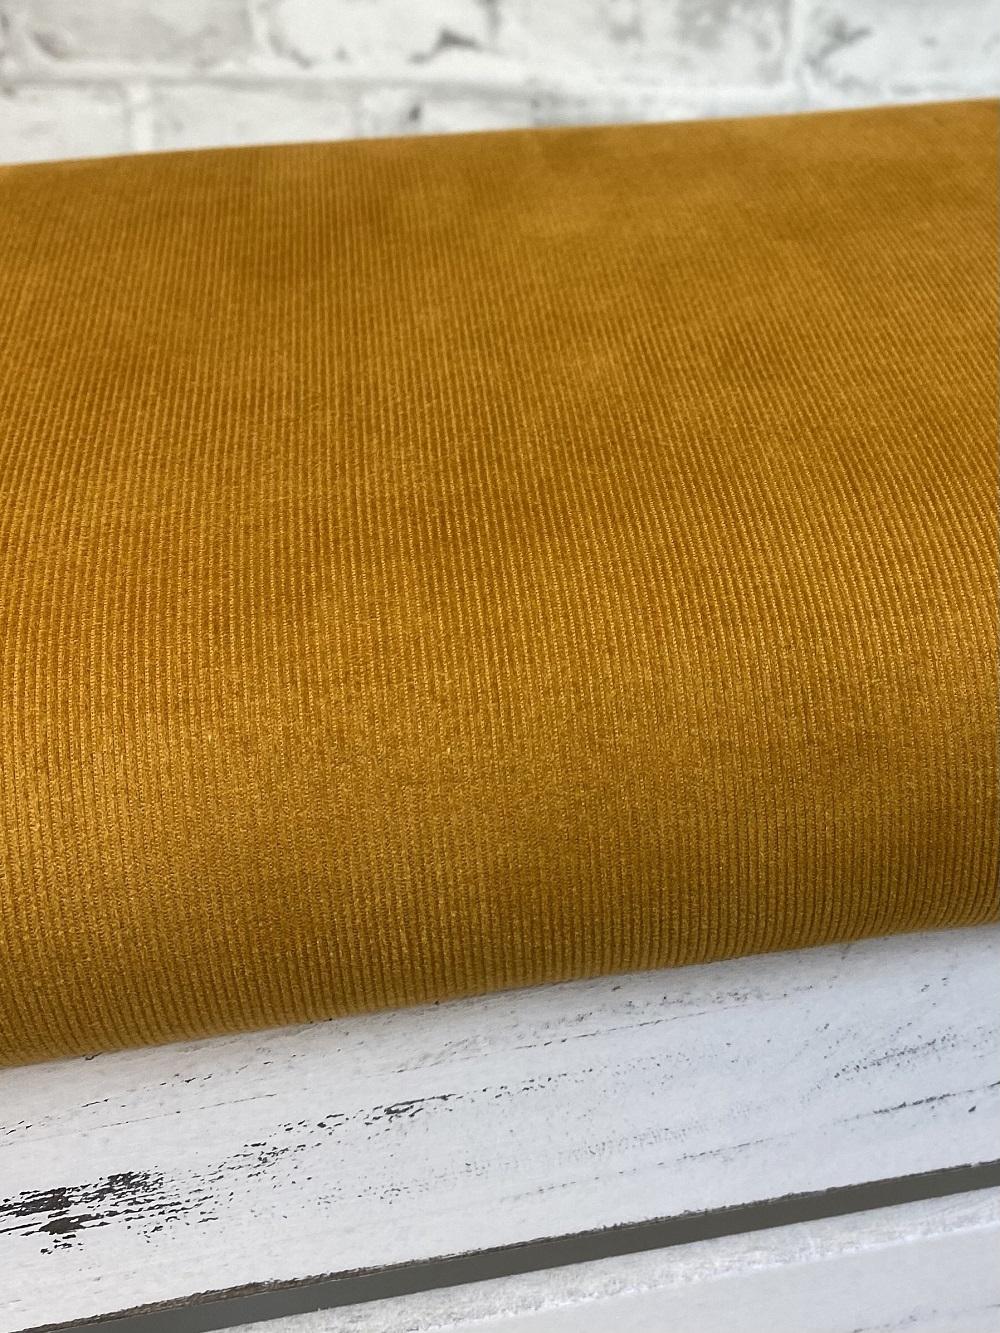 Feincord gewaschen, ockergelb. Art. 4809/1034